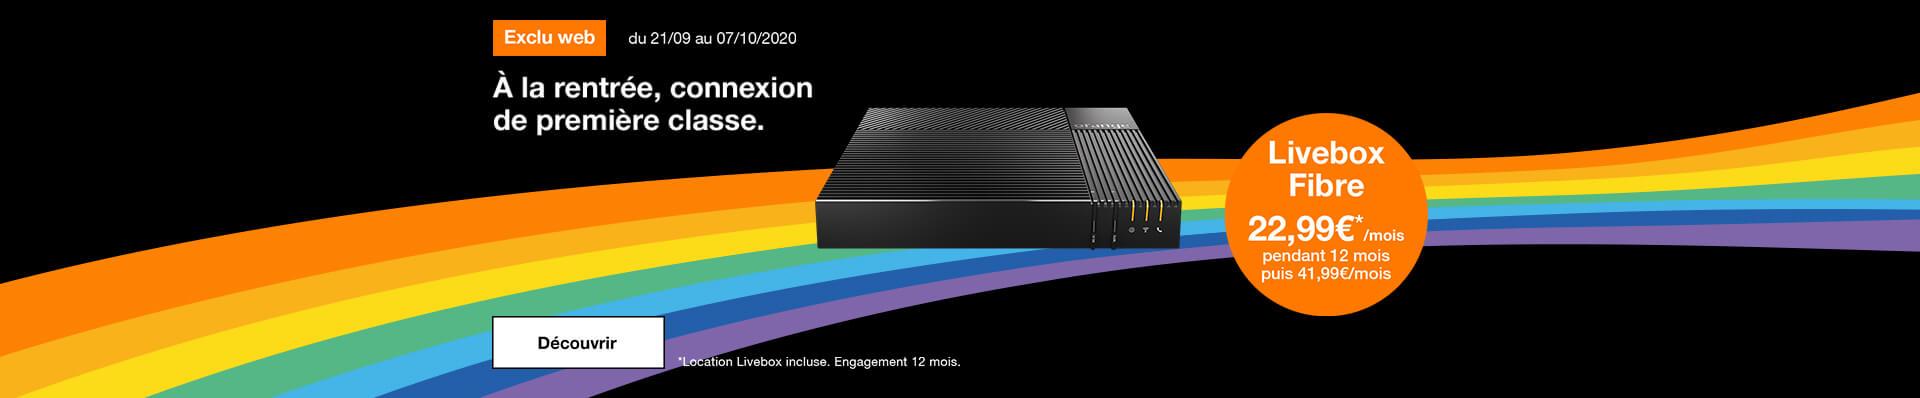 Bon plan Livebox Fibre exclu web